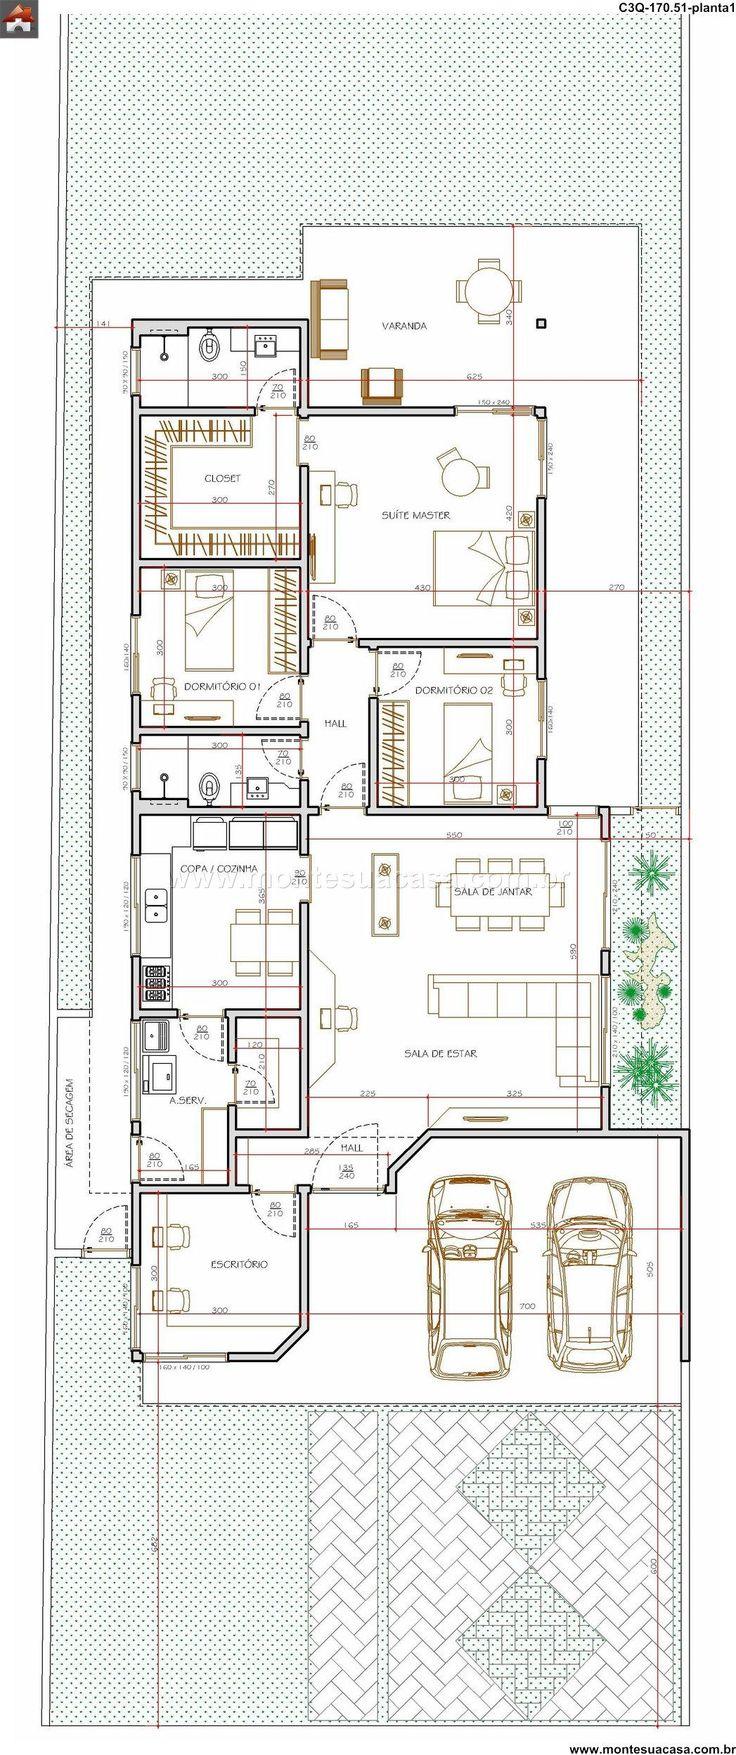 Casa 2 Quartos - 170.51m²